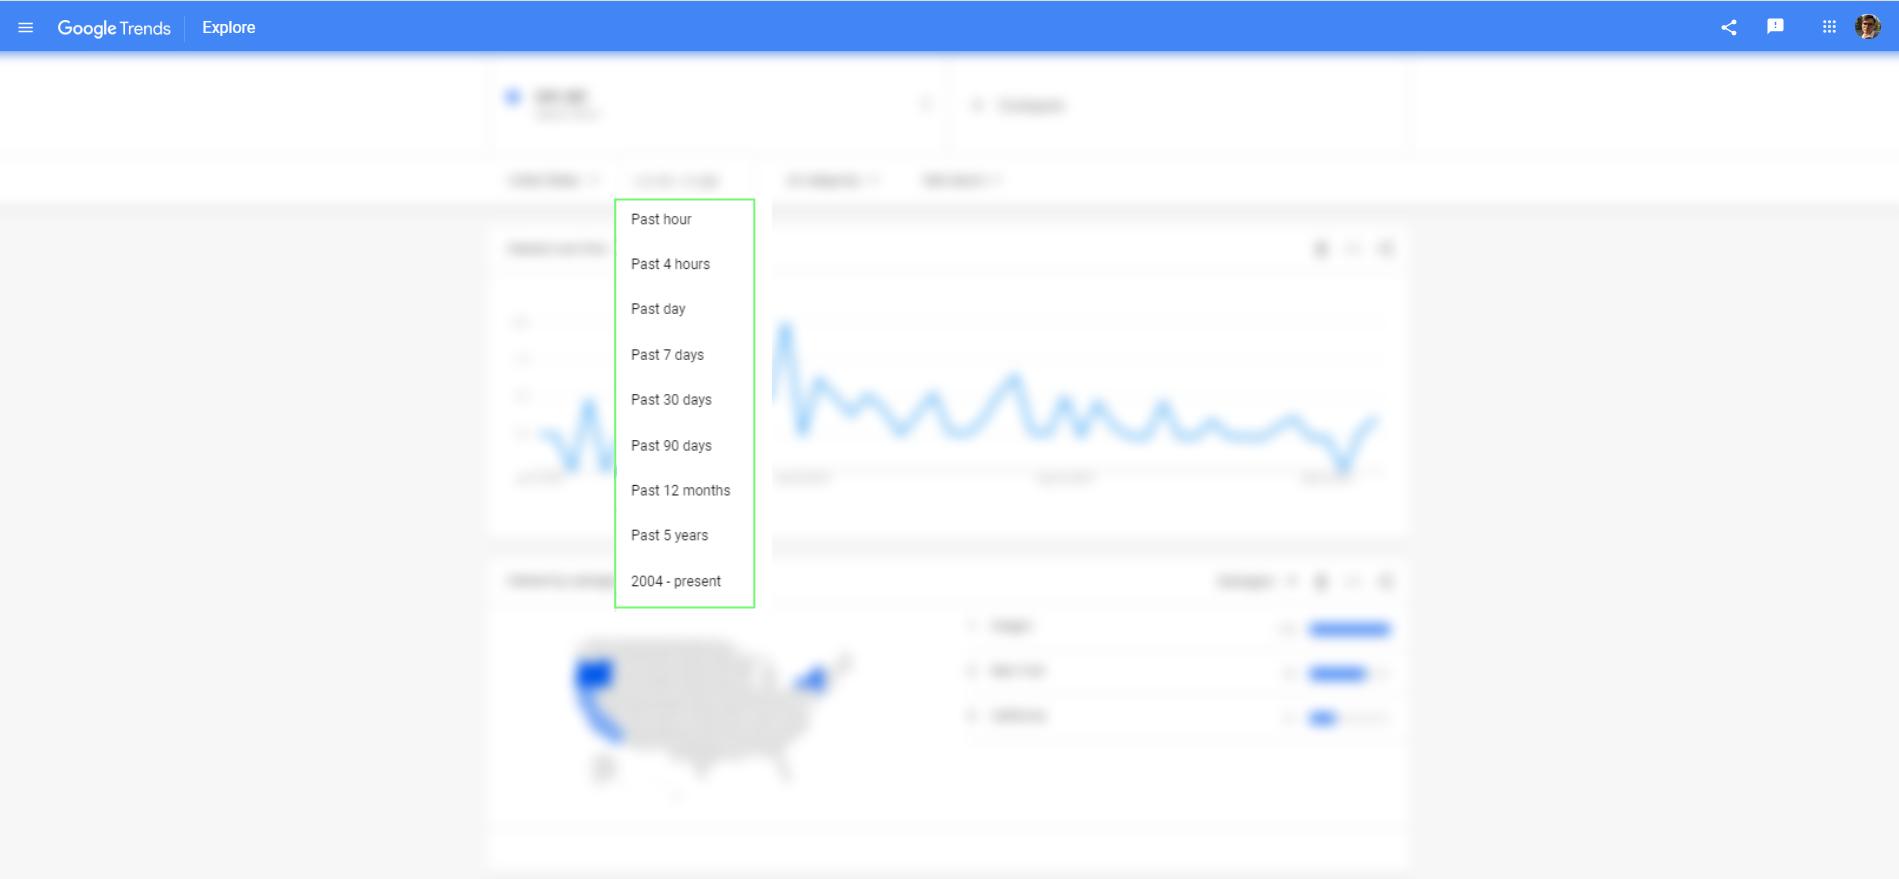 seo api - Explore - Google Trends - Google Chrome .png